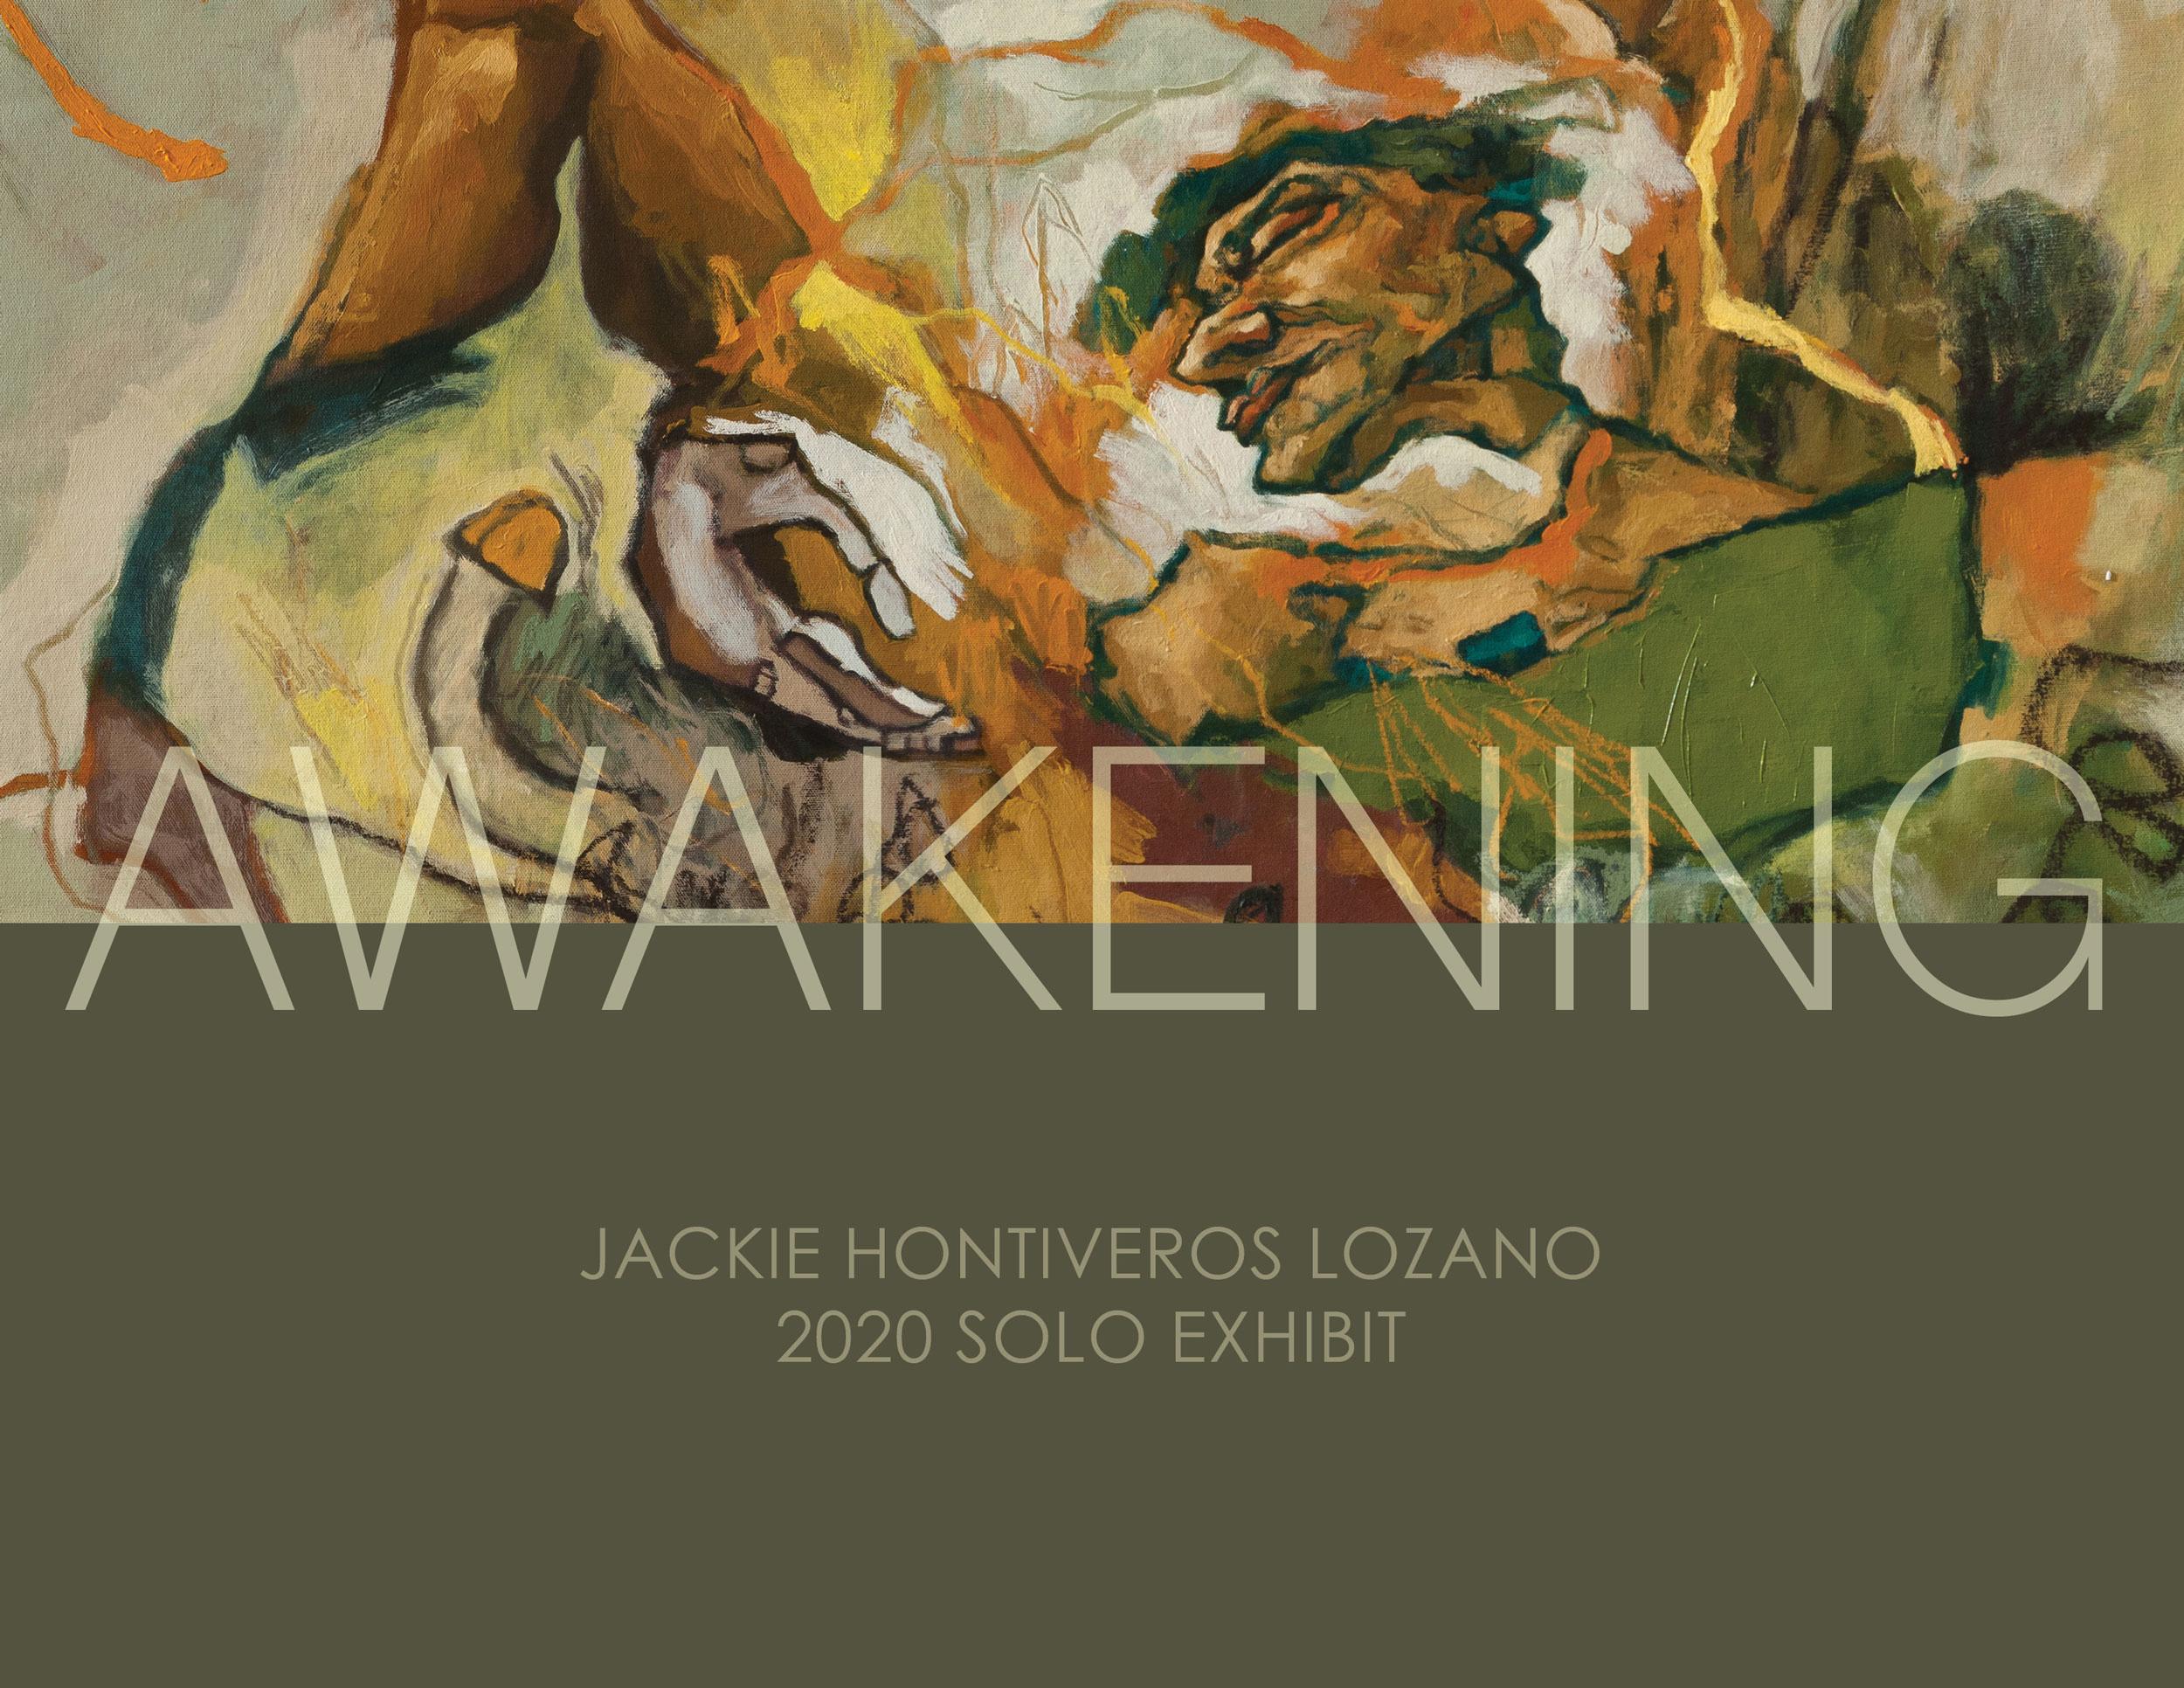 Awakening-Exhibit-Proposal.jpg